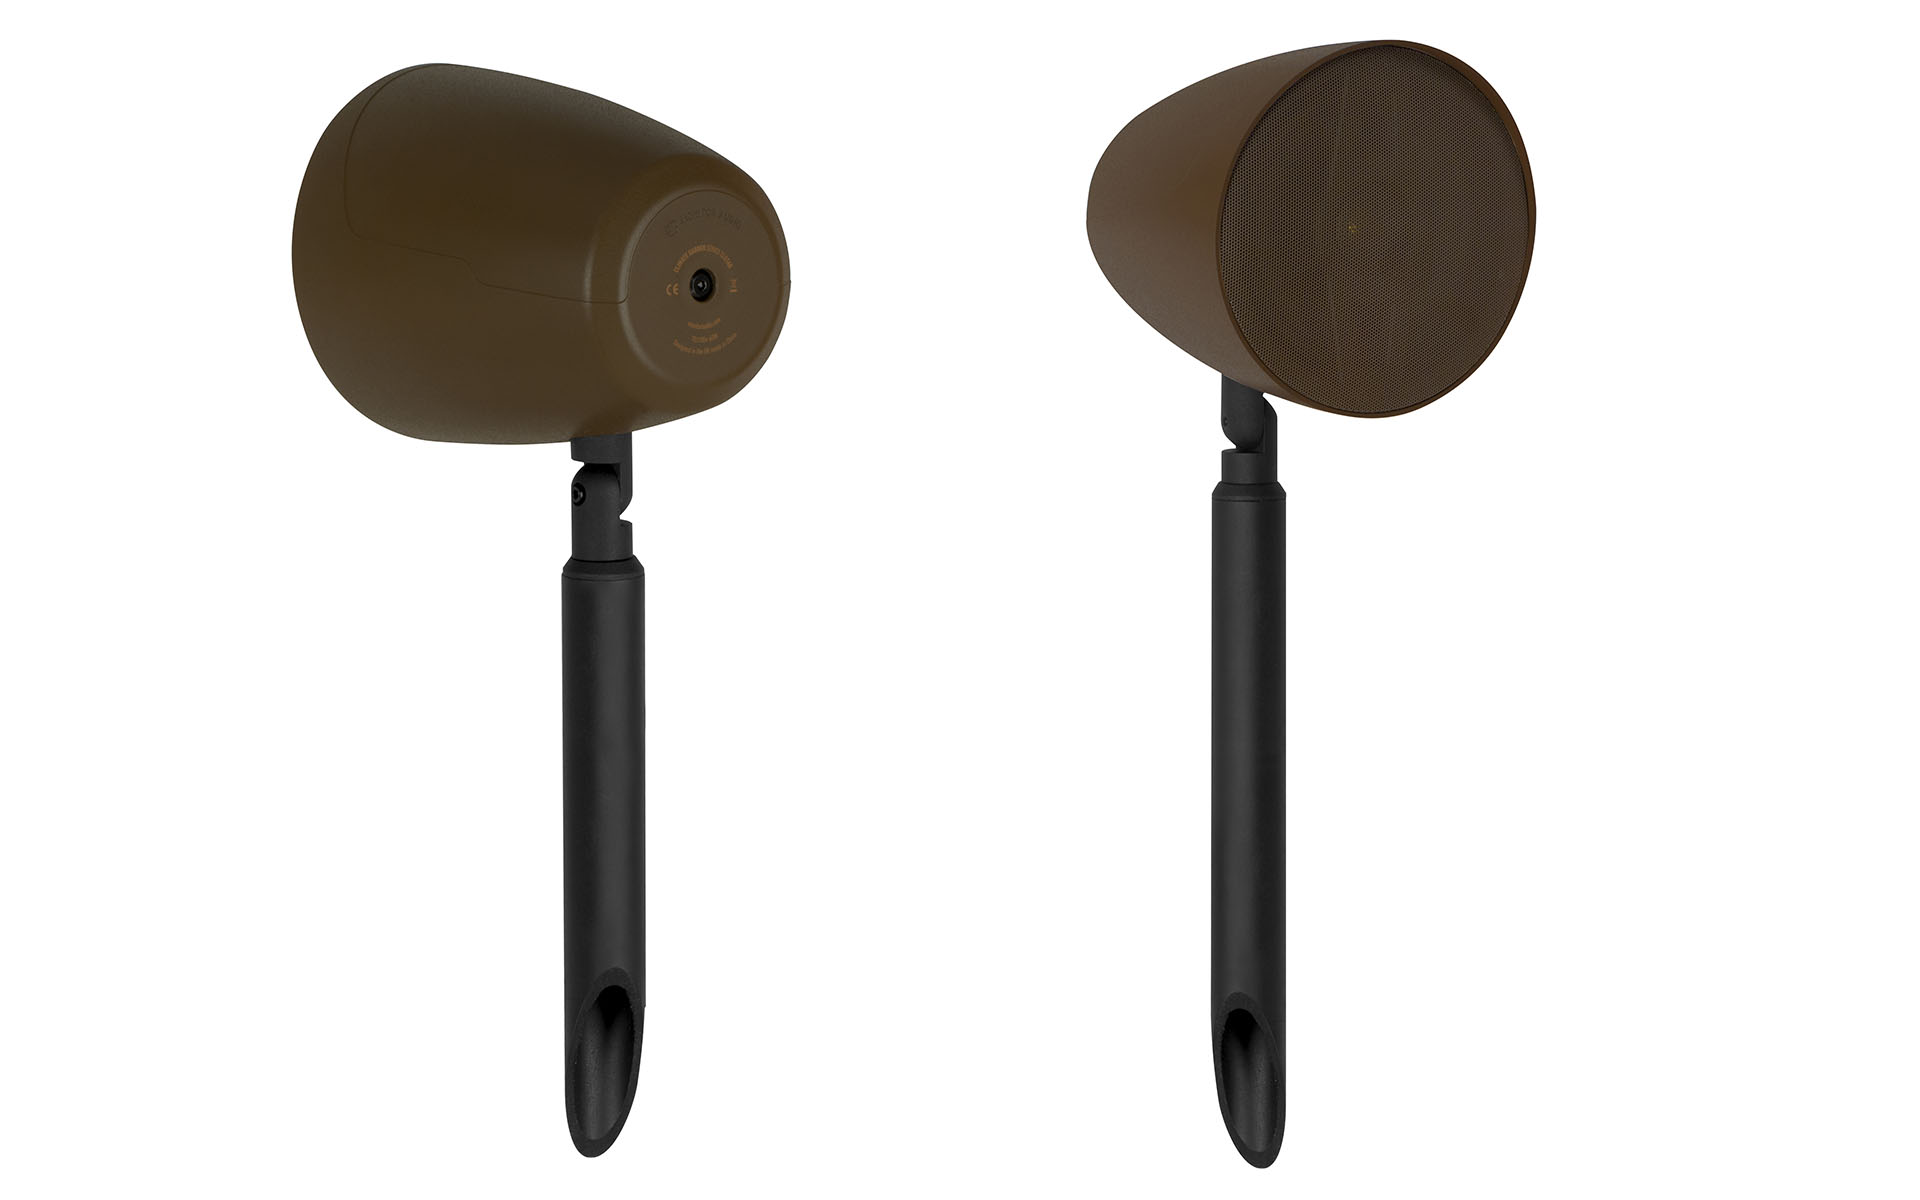 Модель Monitor Audio CLG160 со штыревым креплением